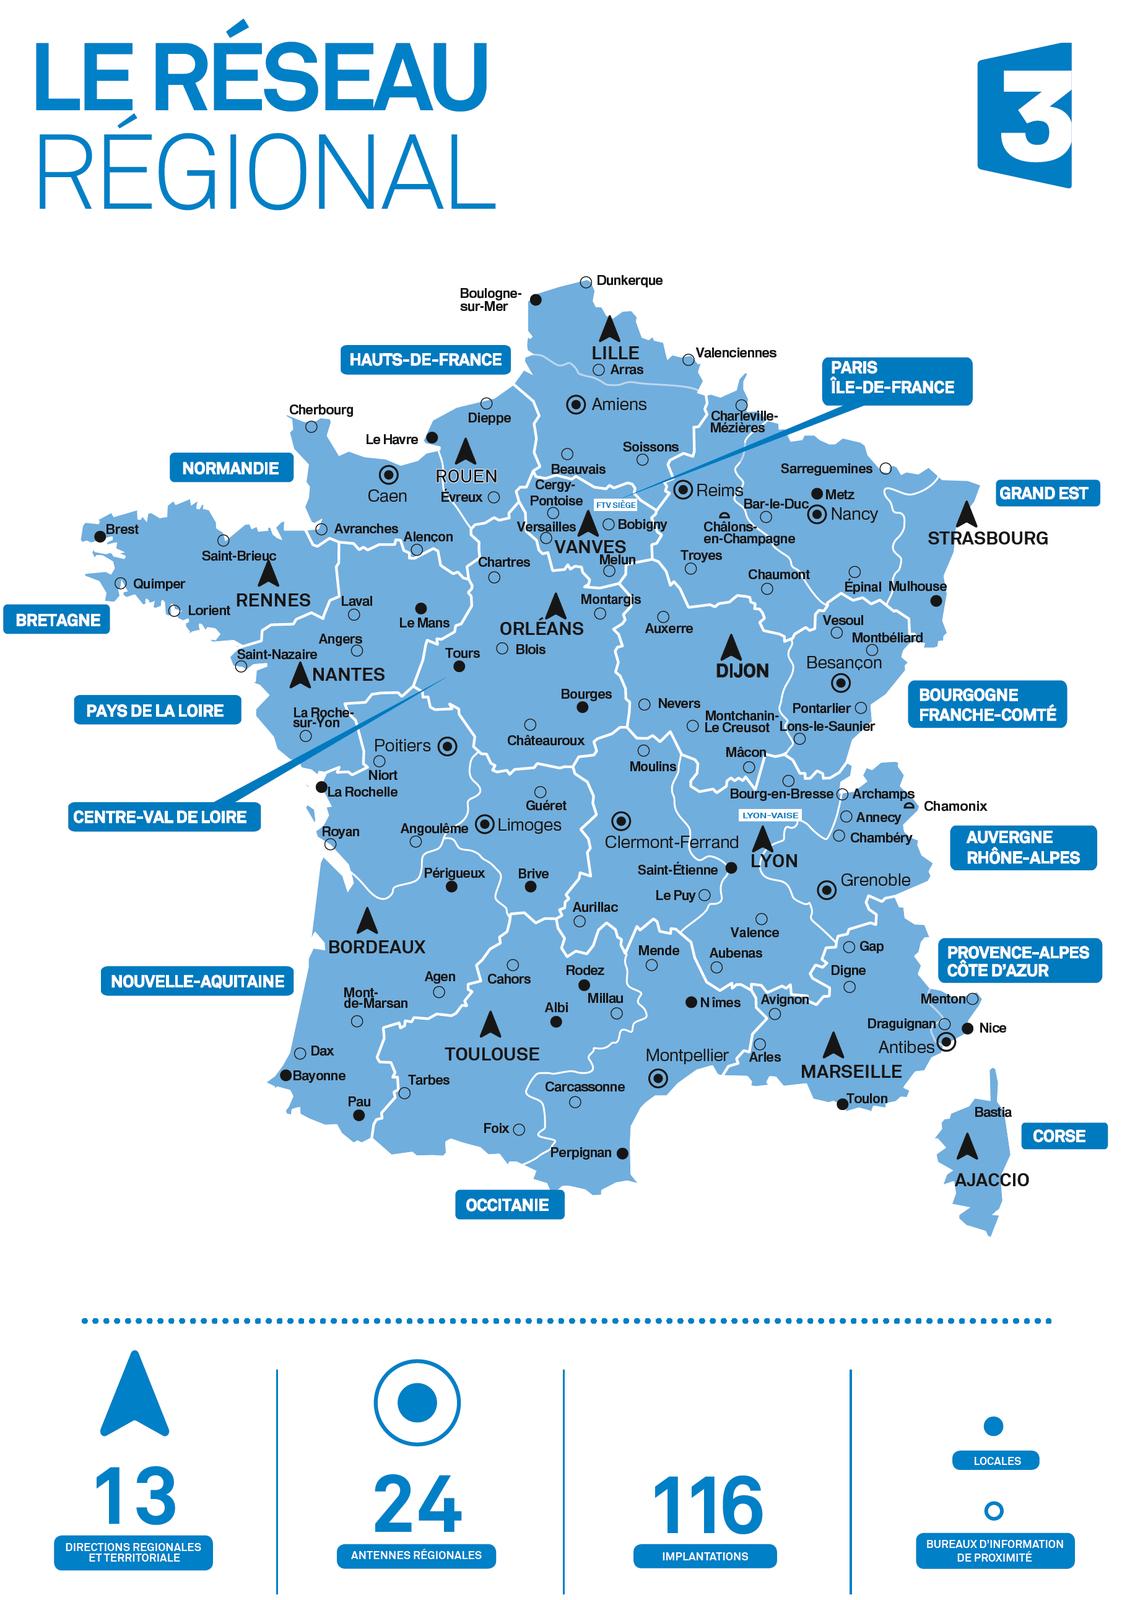 Le 1Er Janvier 2017, Le Réseau De France 3 S'organise En 12 encequiconcerne Nouvelles Régions De France 2017